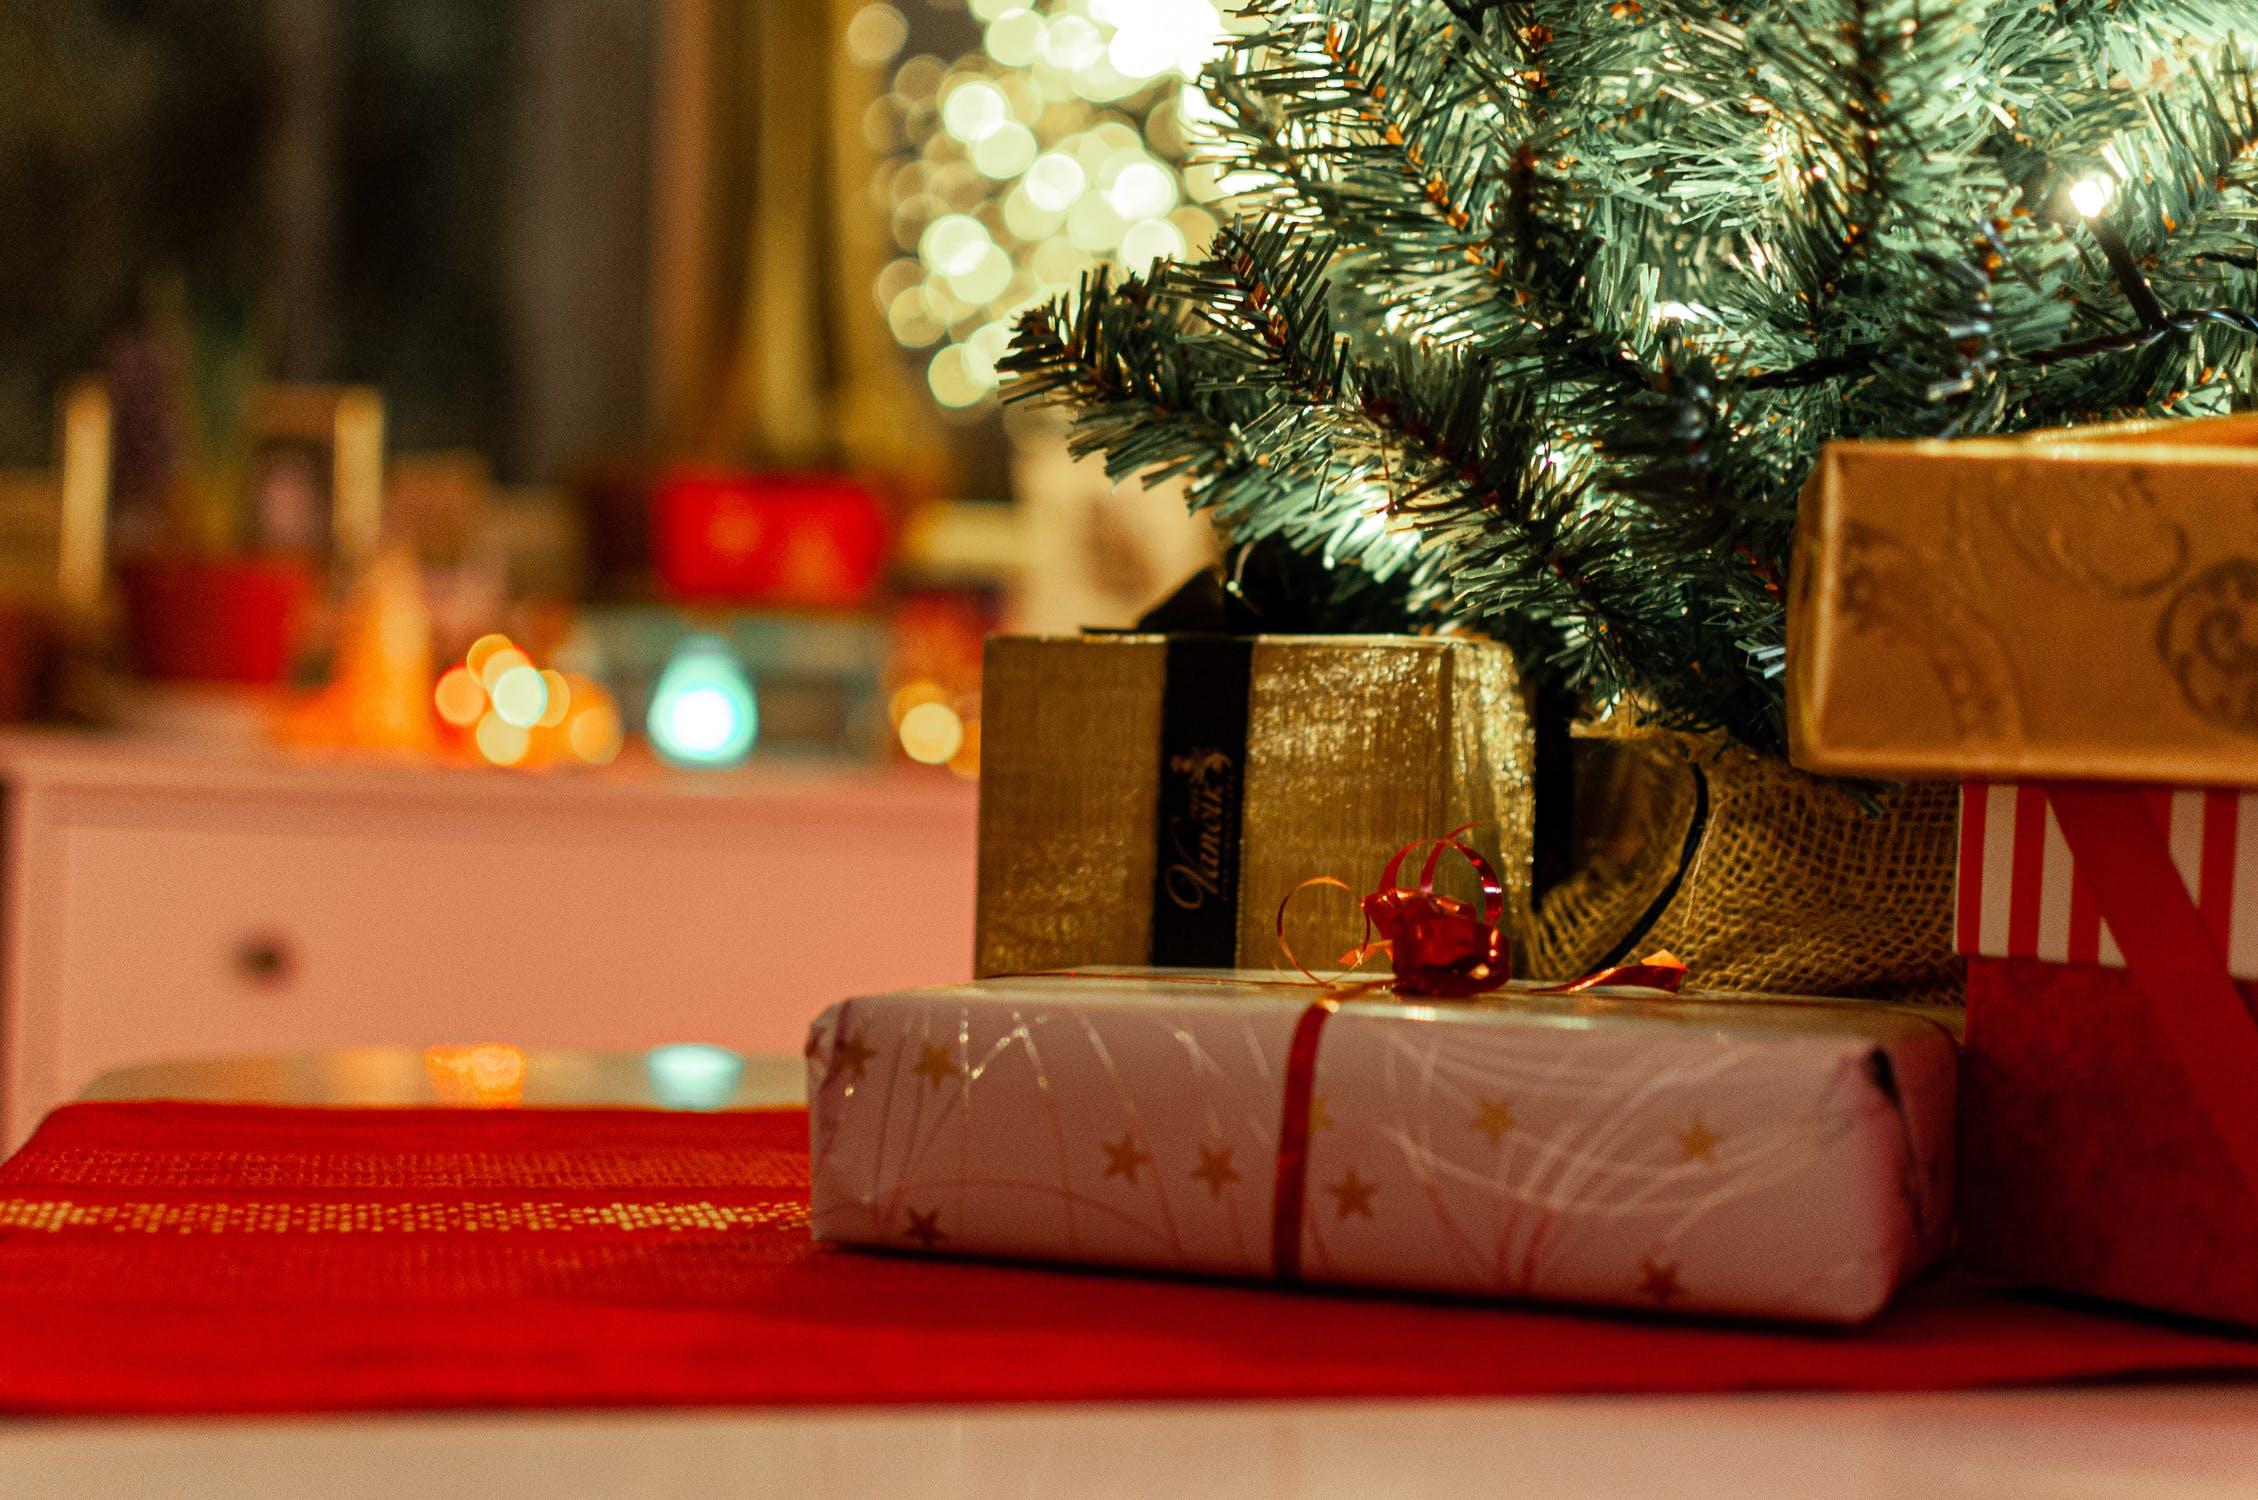 Beeindruckende Traditionen, die Sie nur erleben, wenn Sie Weihnachten in Spanien verbringen